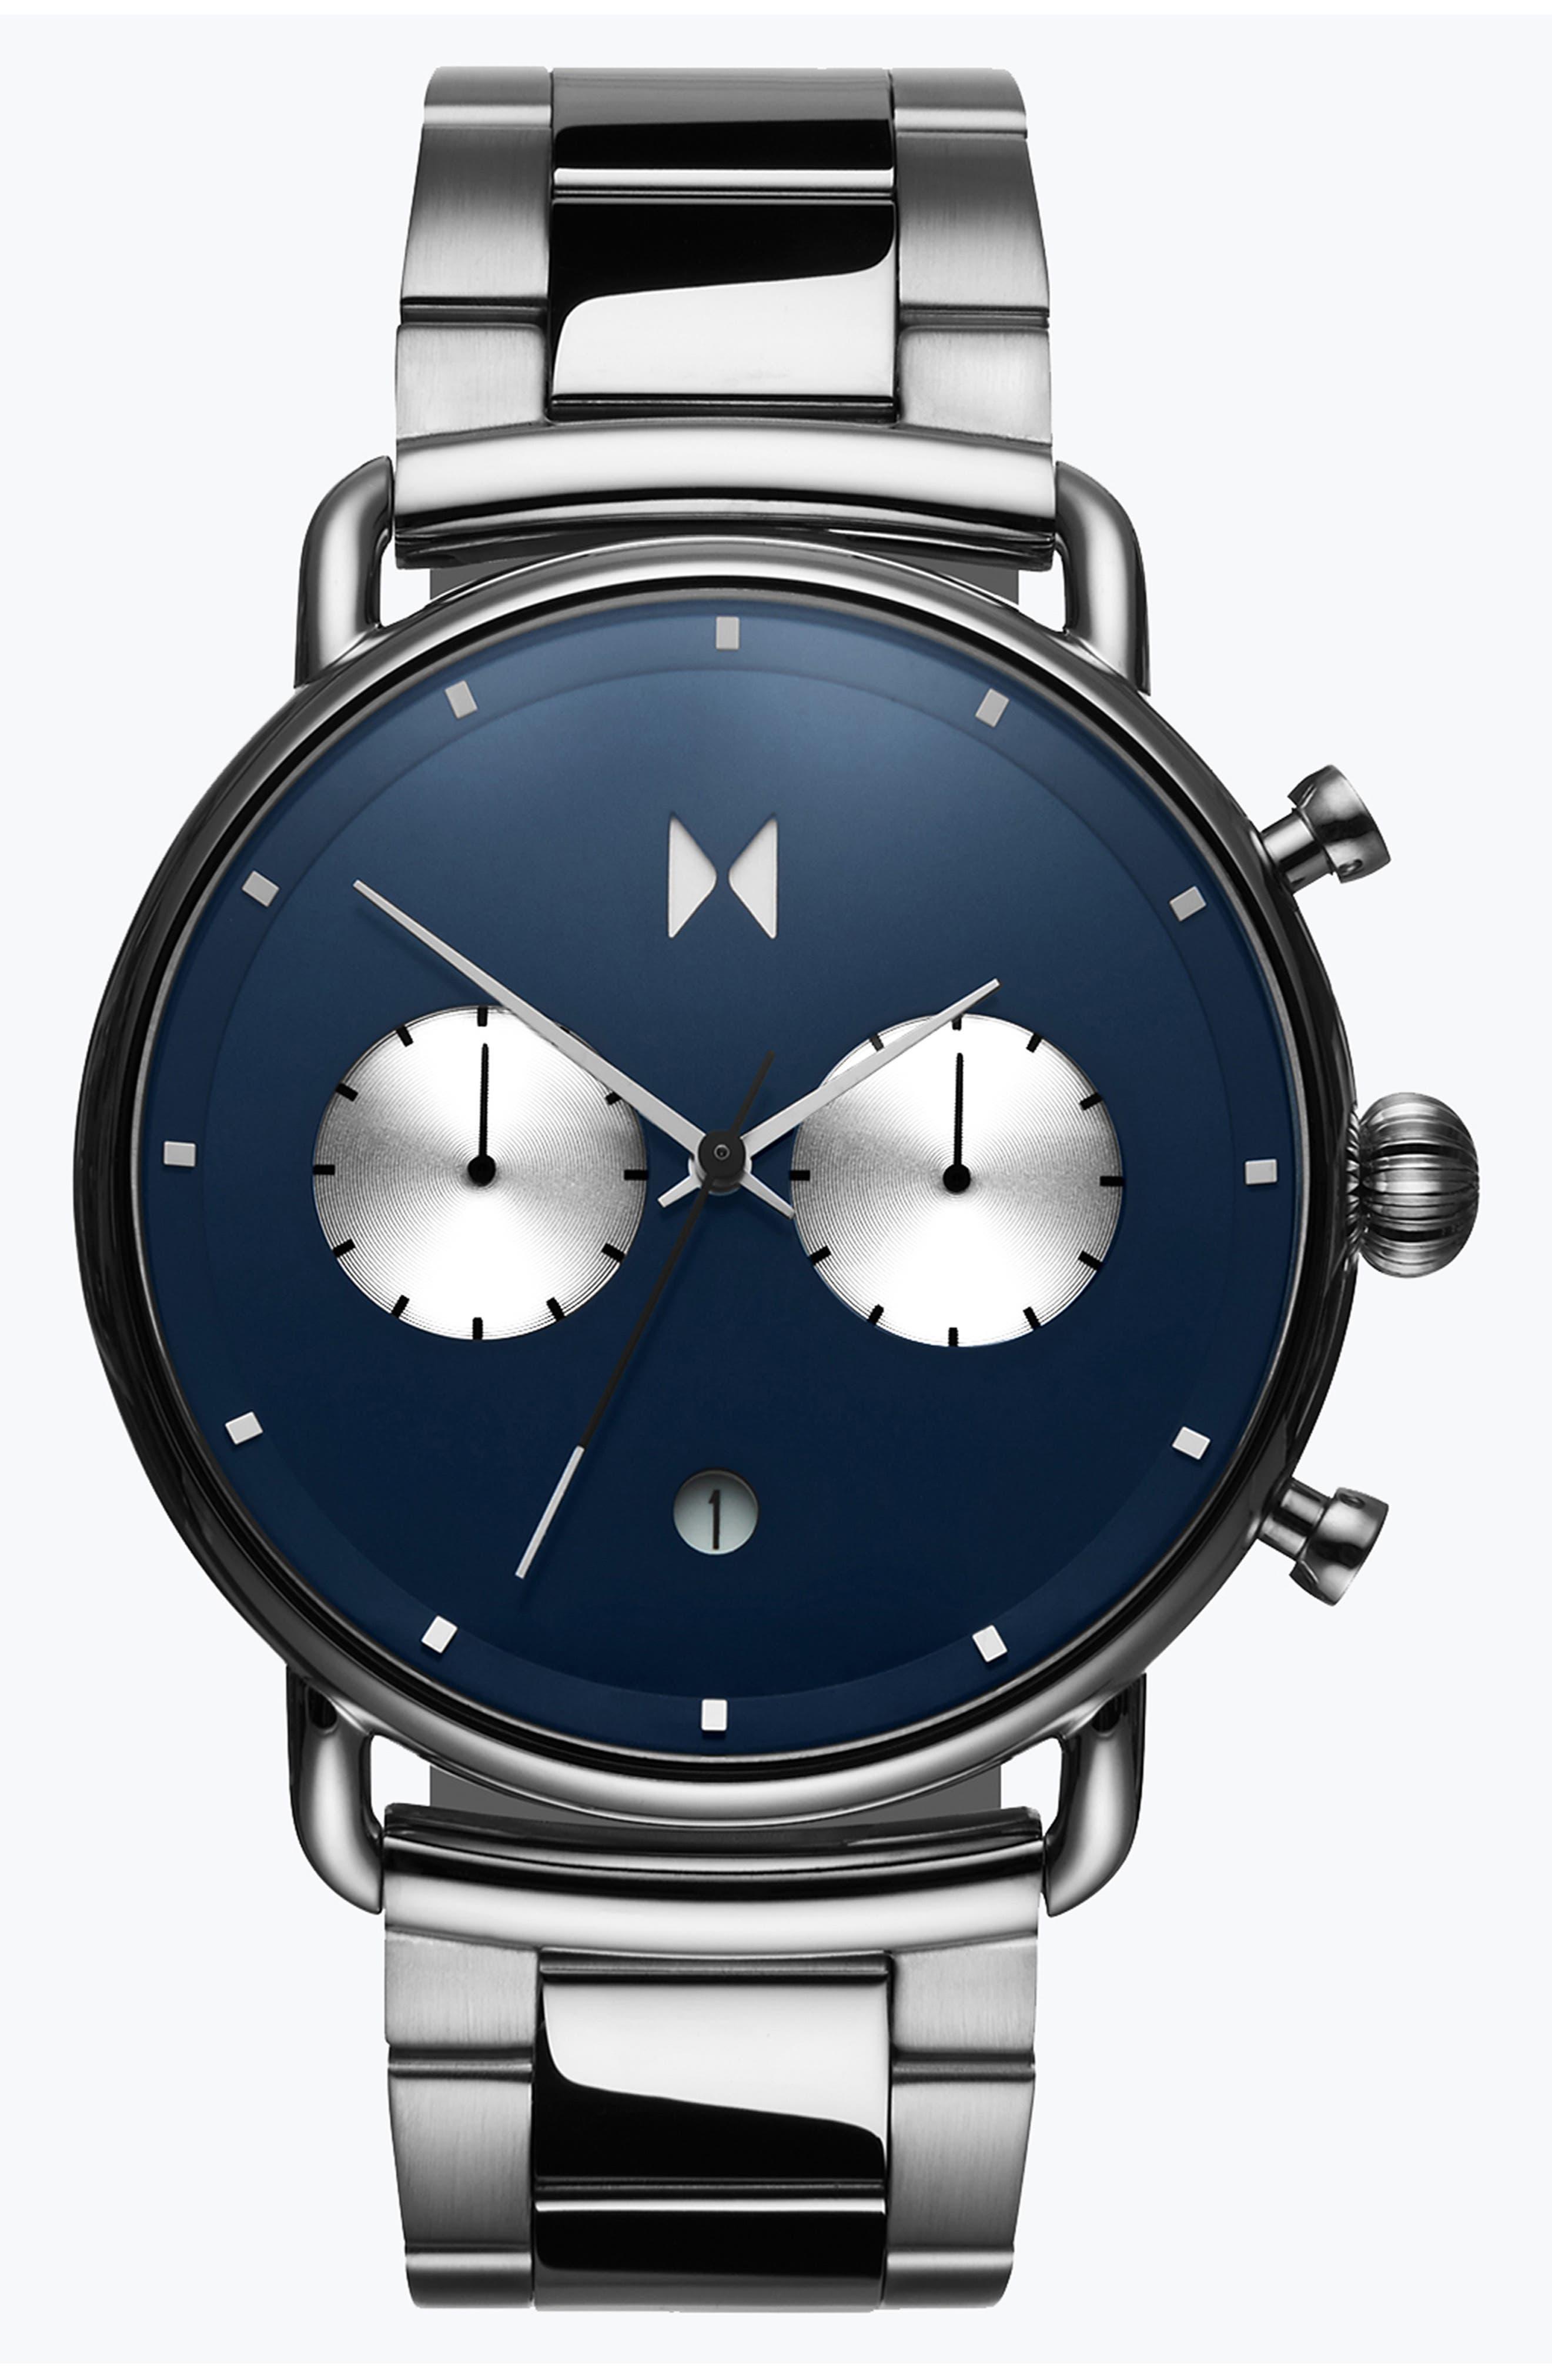 Blacktop Chronograph Bracelet Watch,                         Main,                         color, BLUE/ SILVER